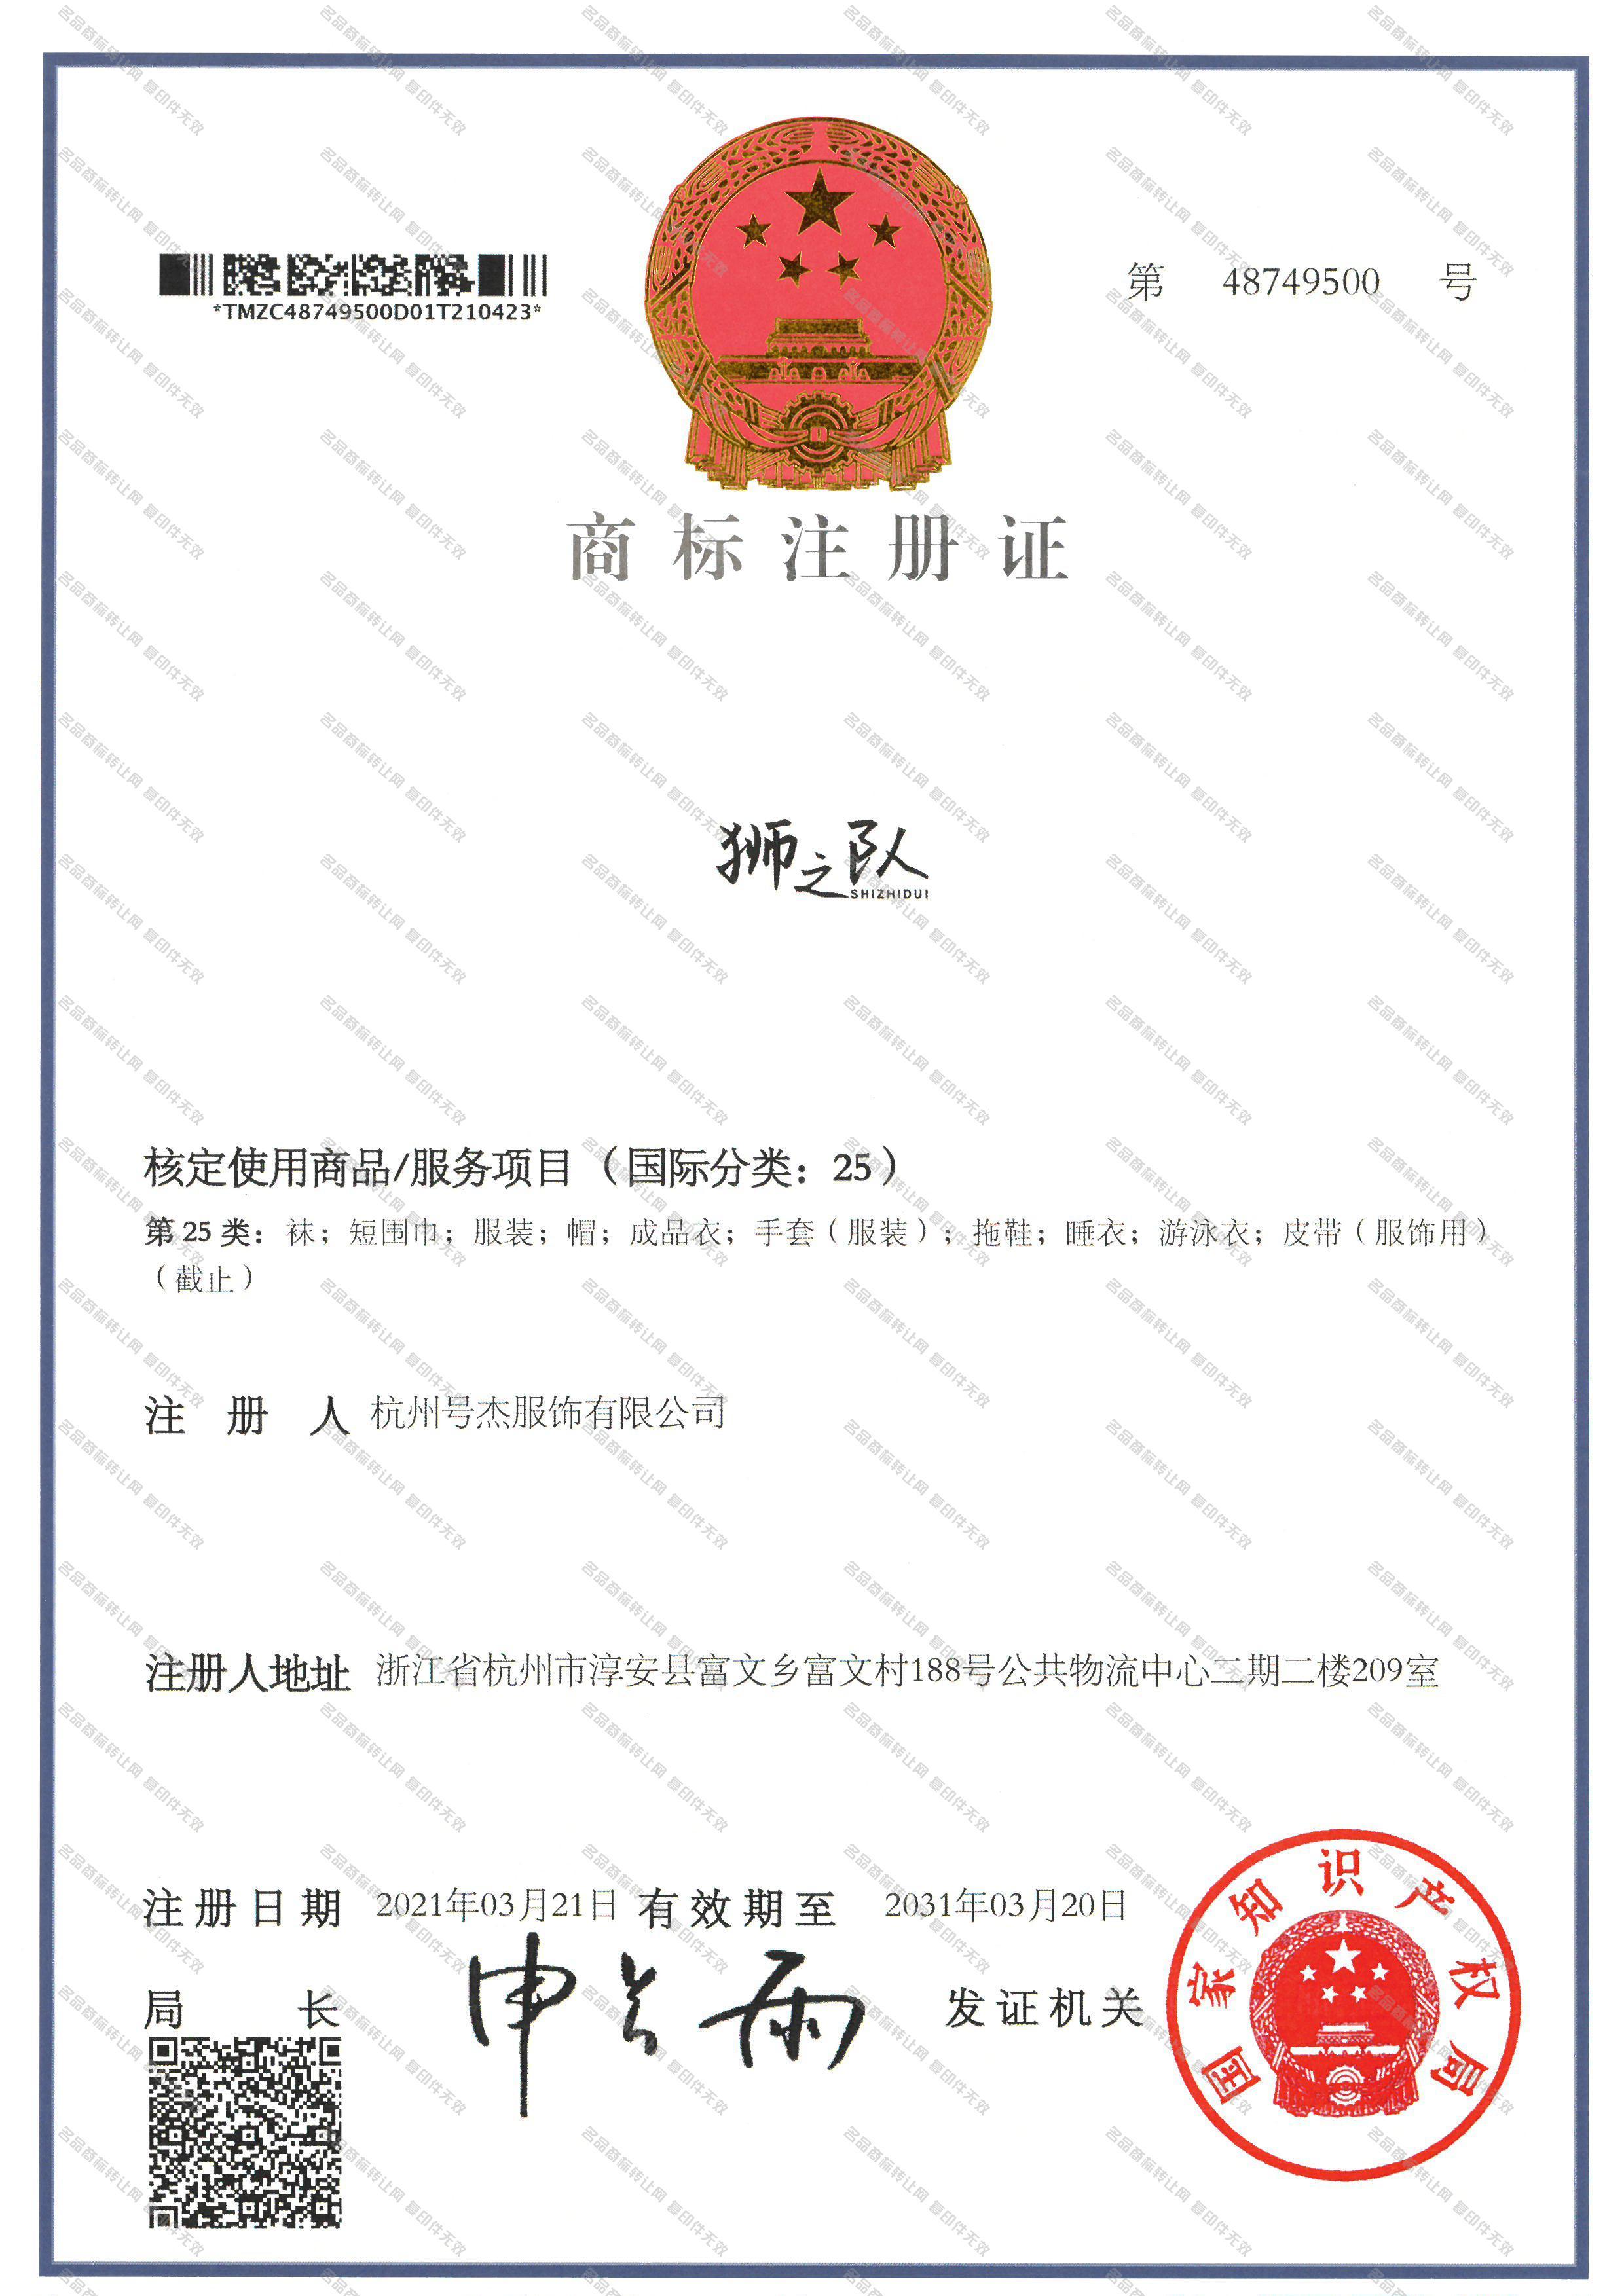 狮之队;SHIZHIDUI注册证